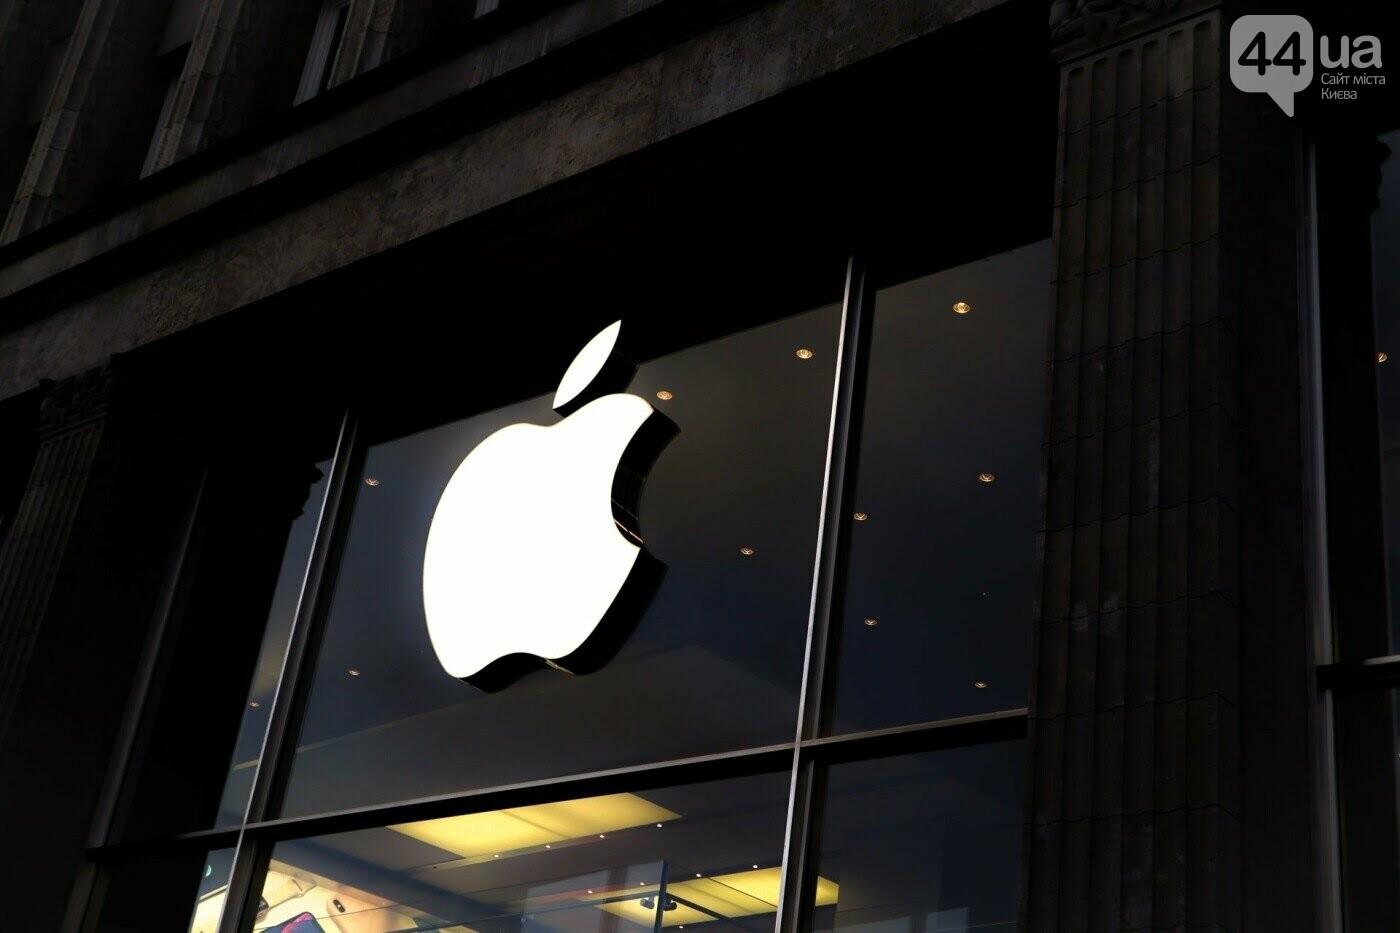 В Украине появился офис Apple. Ожидать значительного снижения цен?, фото-1